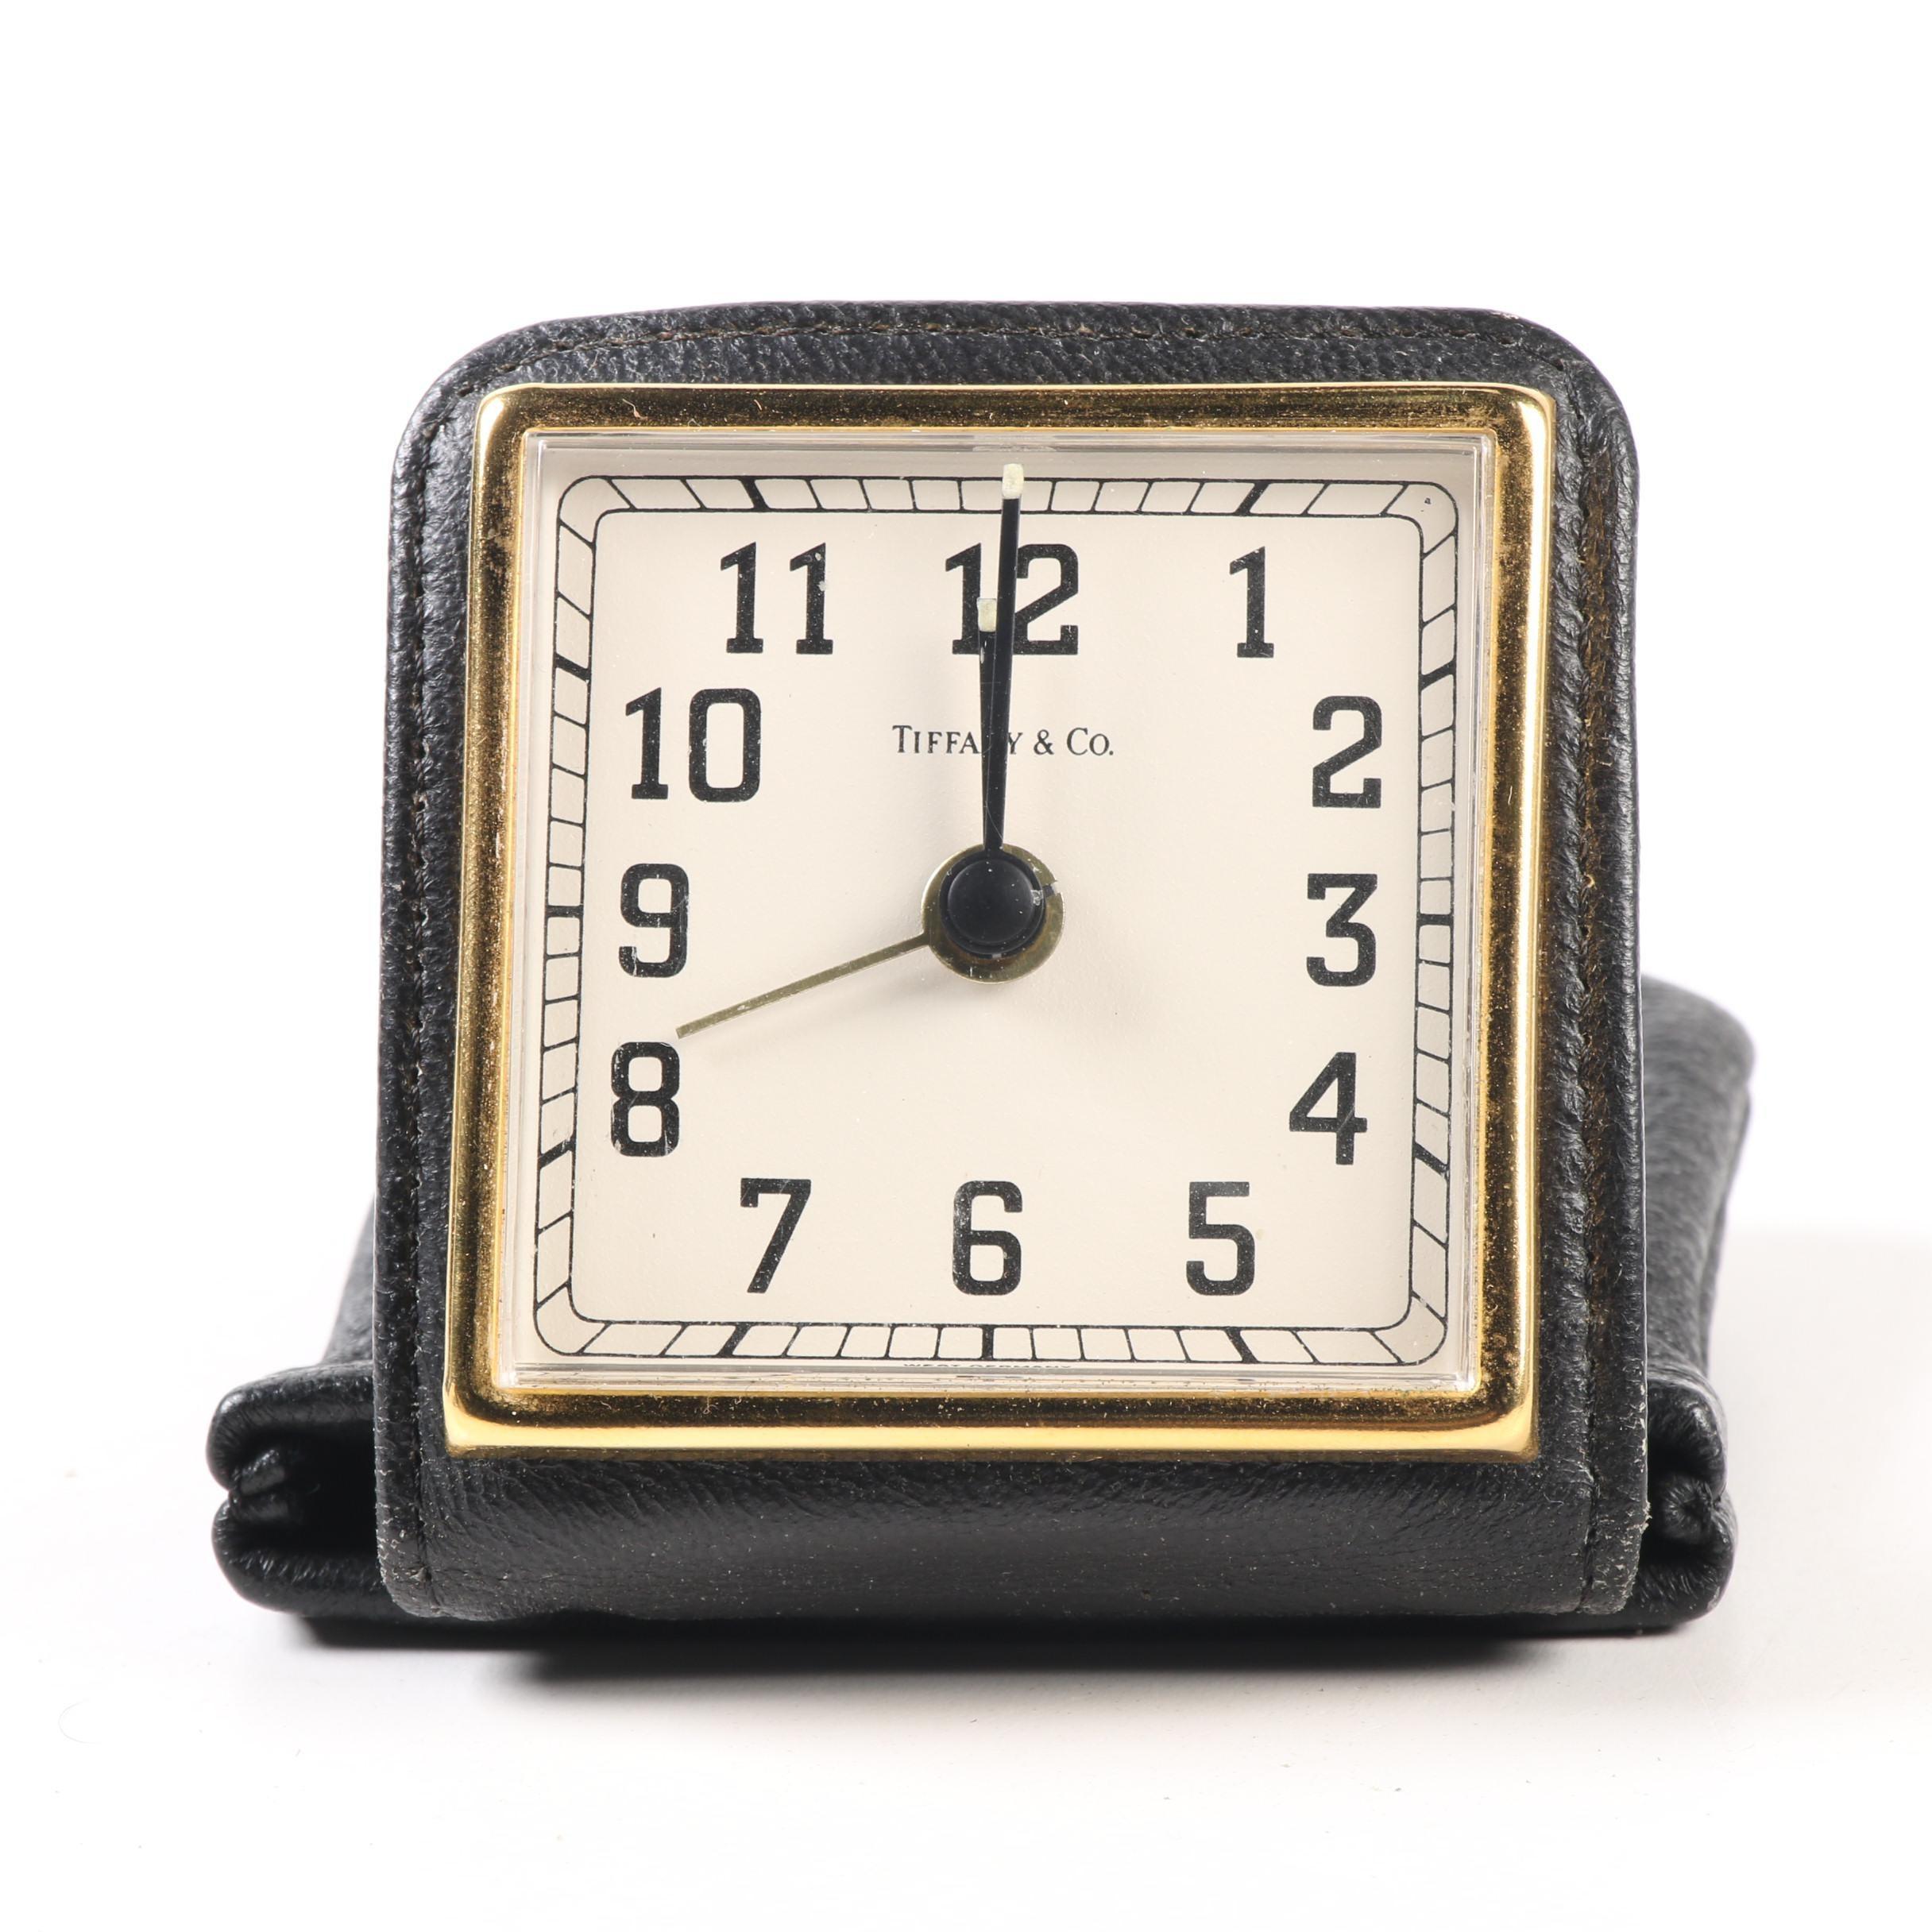 Tiffany & Co. Travel Clock